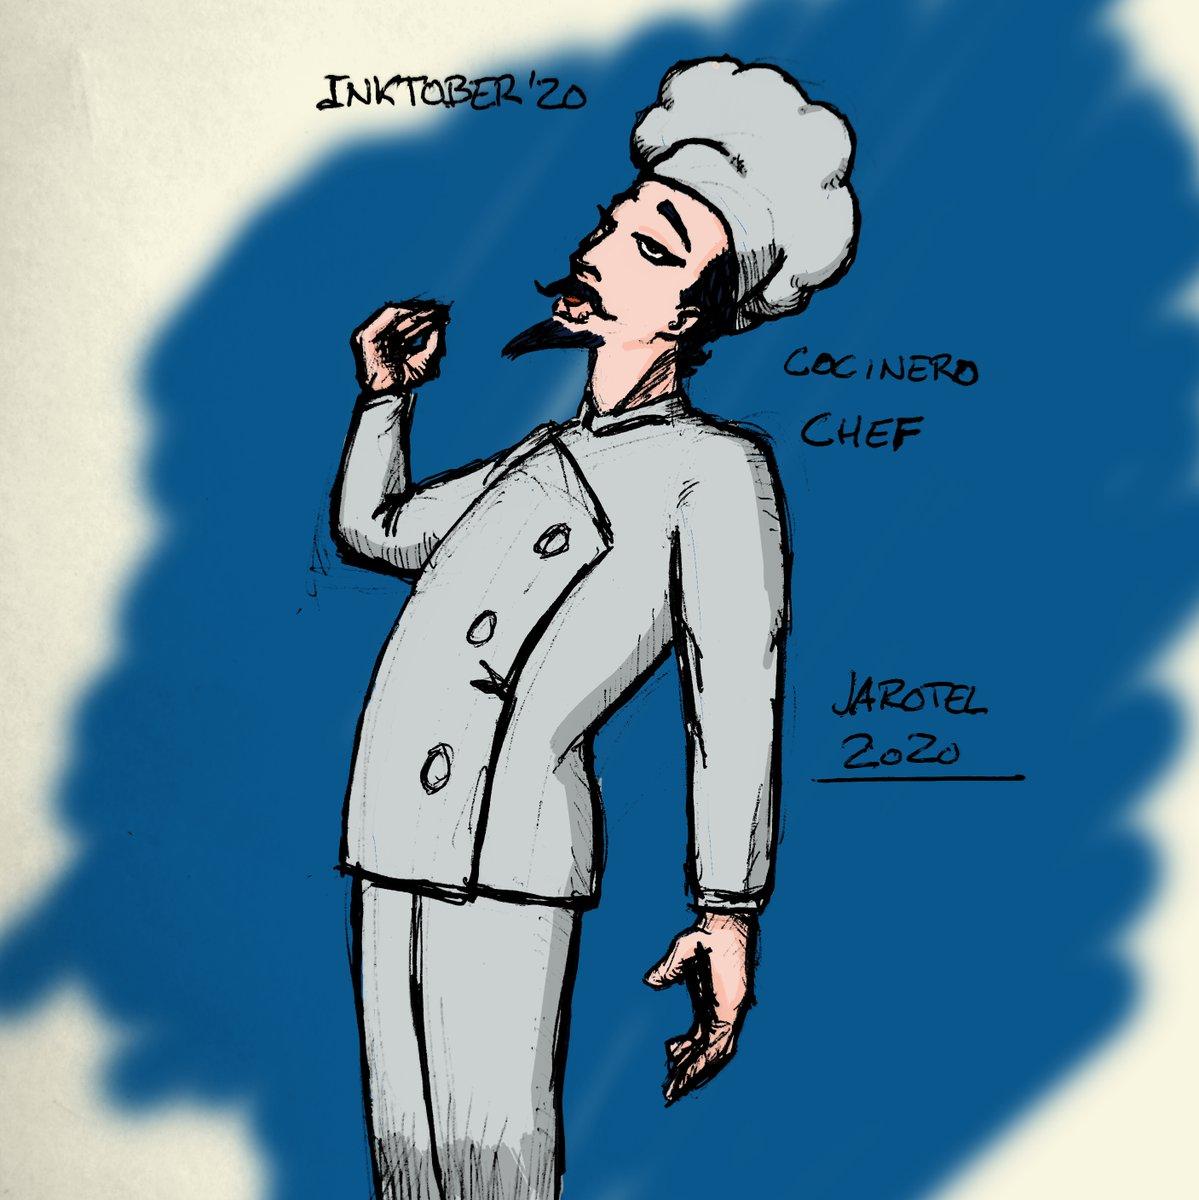 #inktober2020 Día 22 cocinero / chef #inktober #inktoberchallenge2020 #inktober2020day22chef #ballpenart #ballpen #digitalcolor #colordigital https://t.co/TgYb0qudbh